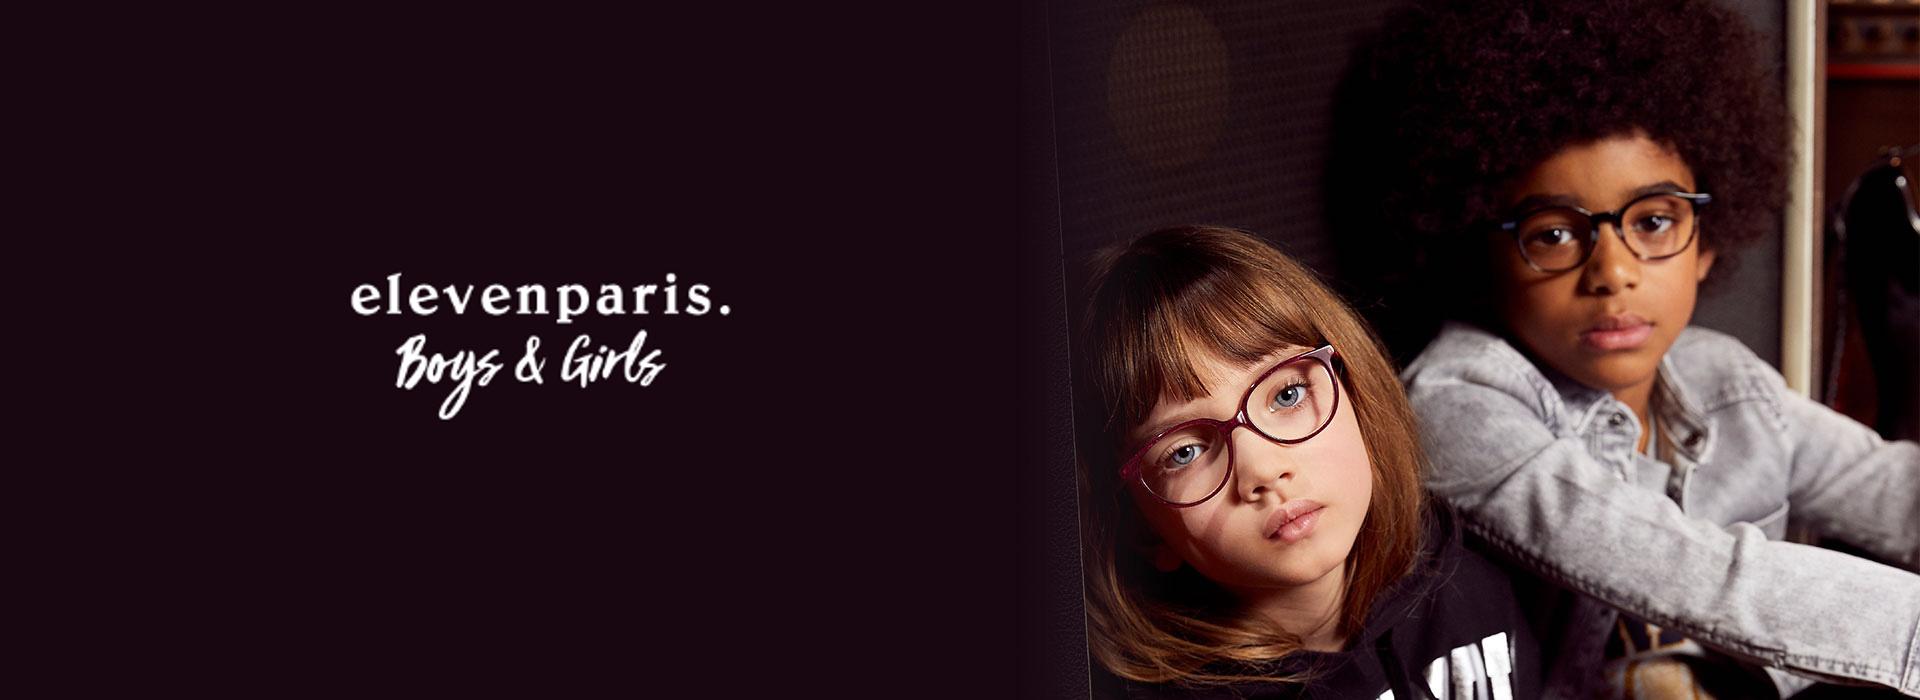 lunette little eleven paris